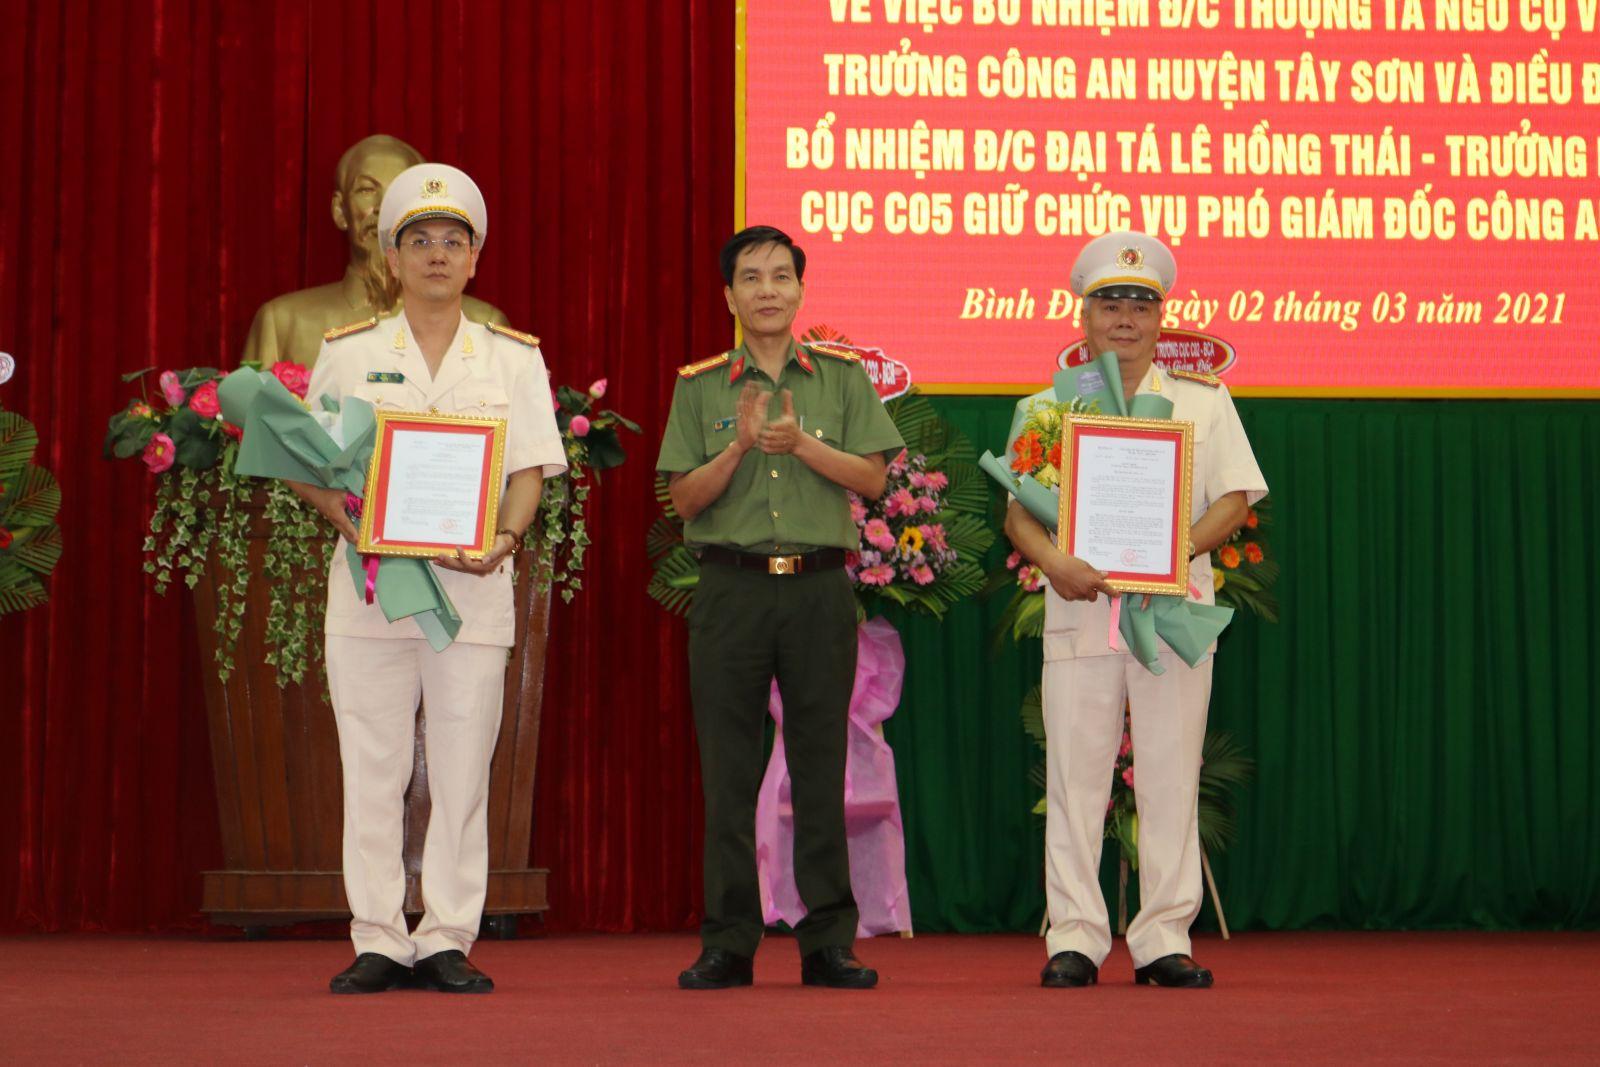 Hai Phó Giám đốc Công an tỉnh Bình Định vừa được bổ nhiệm là ai? - Ảnh 1